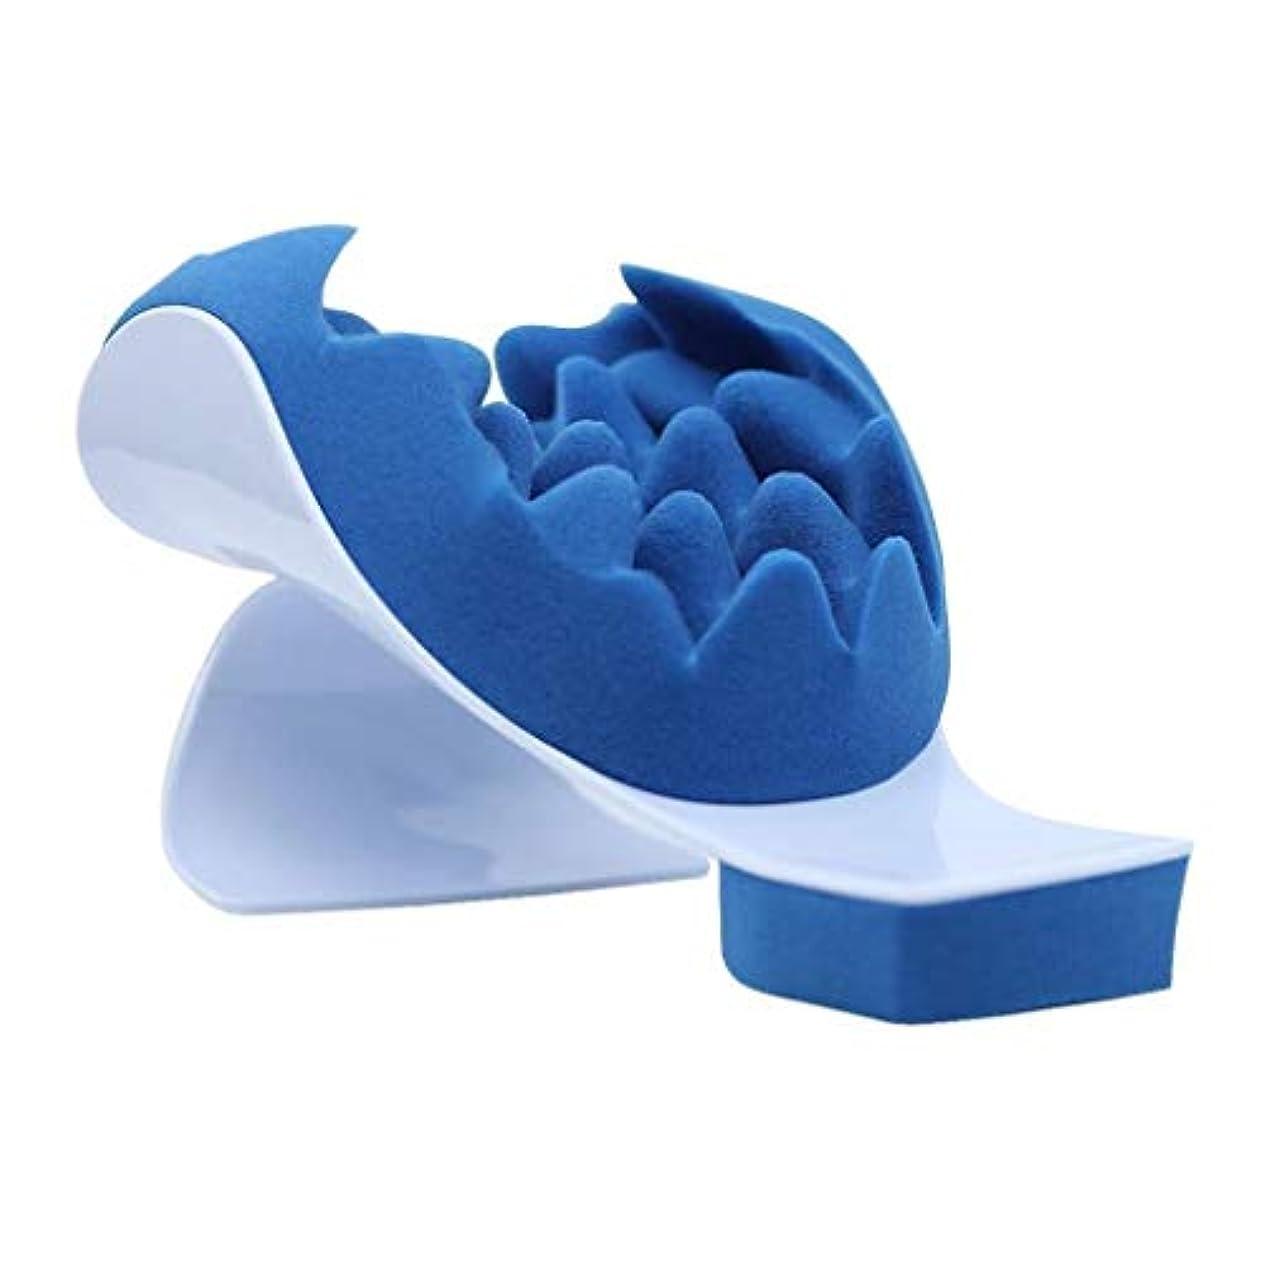 男らしさ貯水池偽物頚部マッサージャー、首と肩の枕マッサージマット、リラクゼーションマッスルとサポートマッサージ機器、メモリーフォームパッド、ホームオフィス旅行の使用に適しています